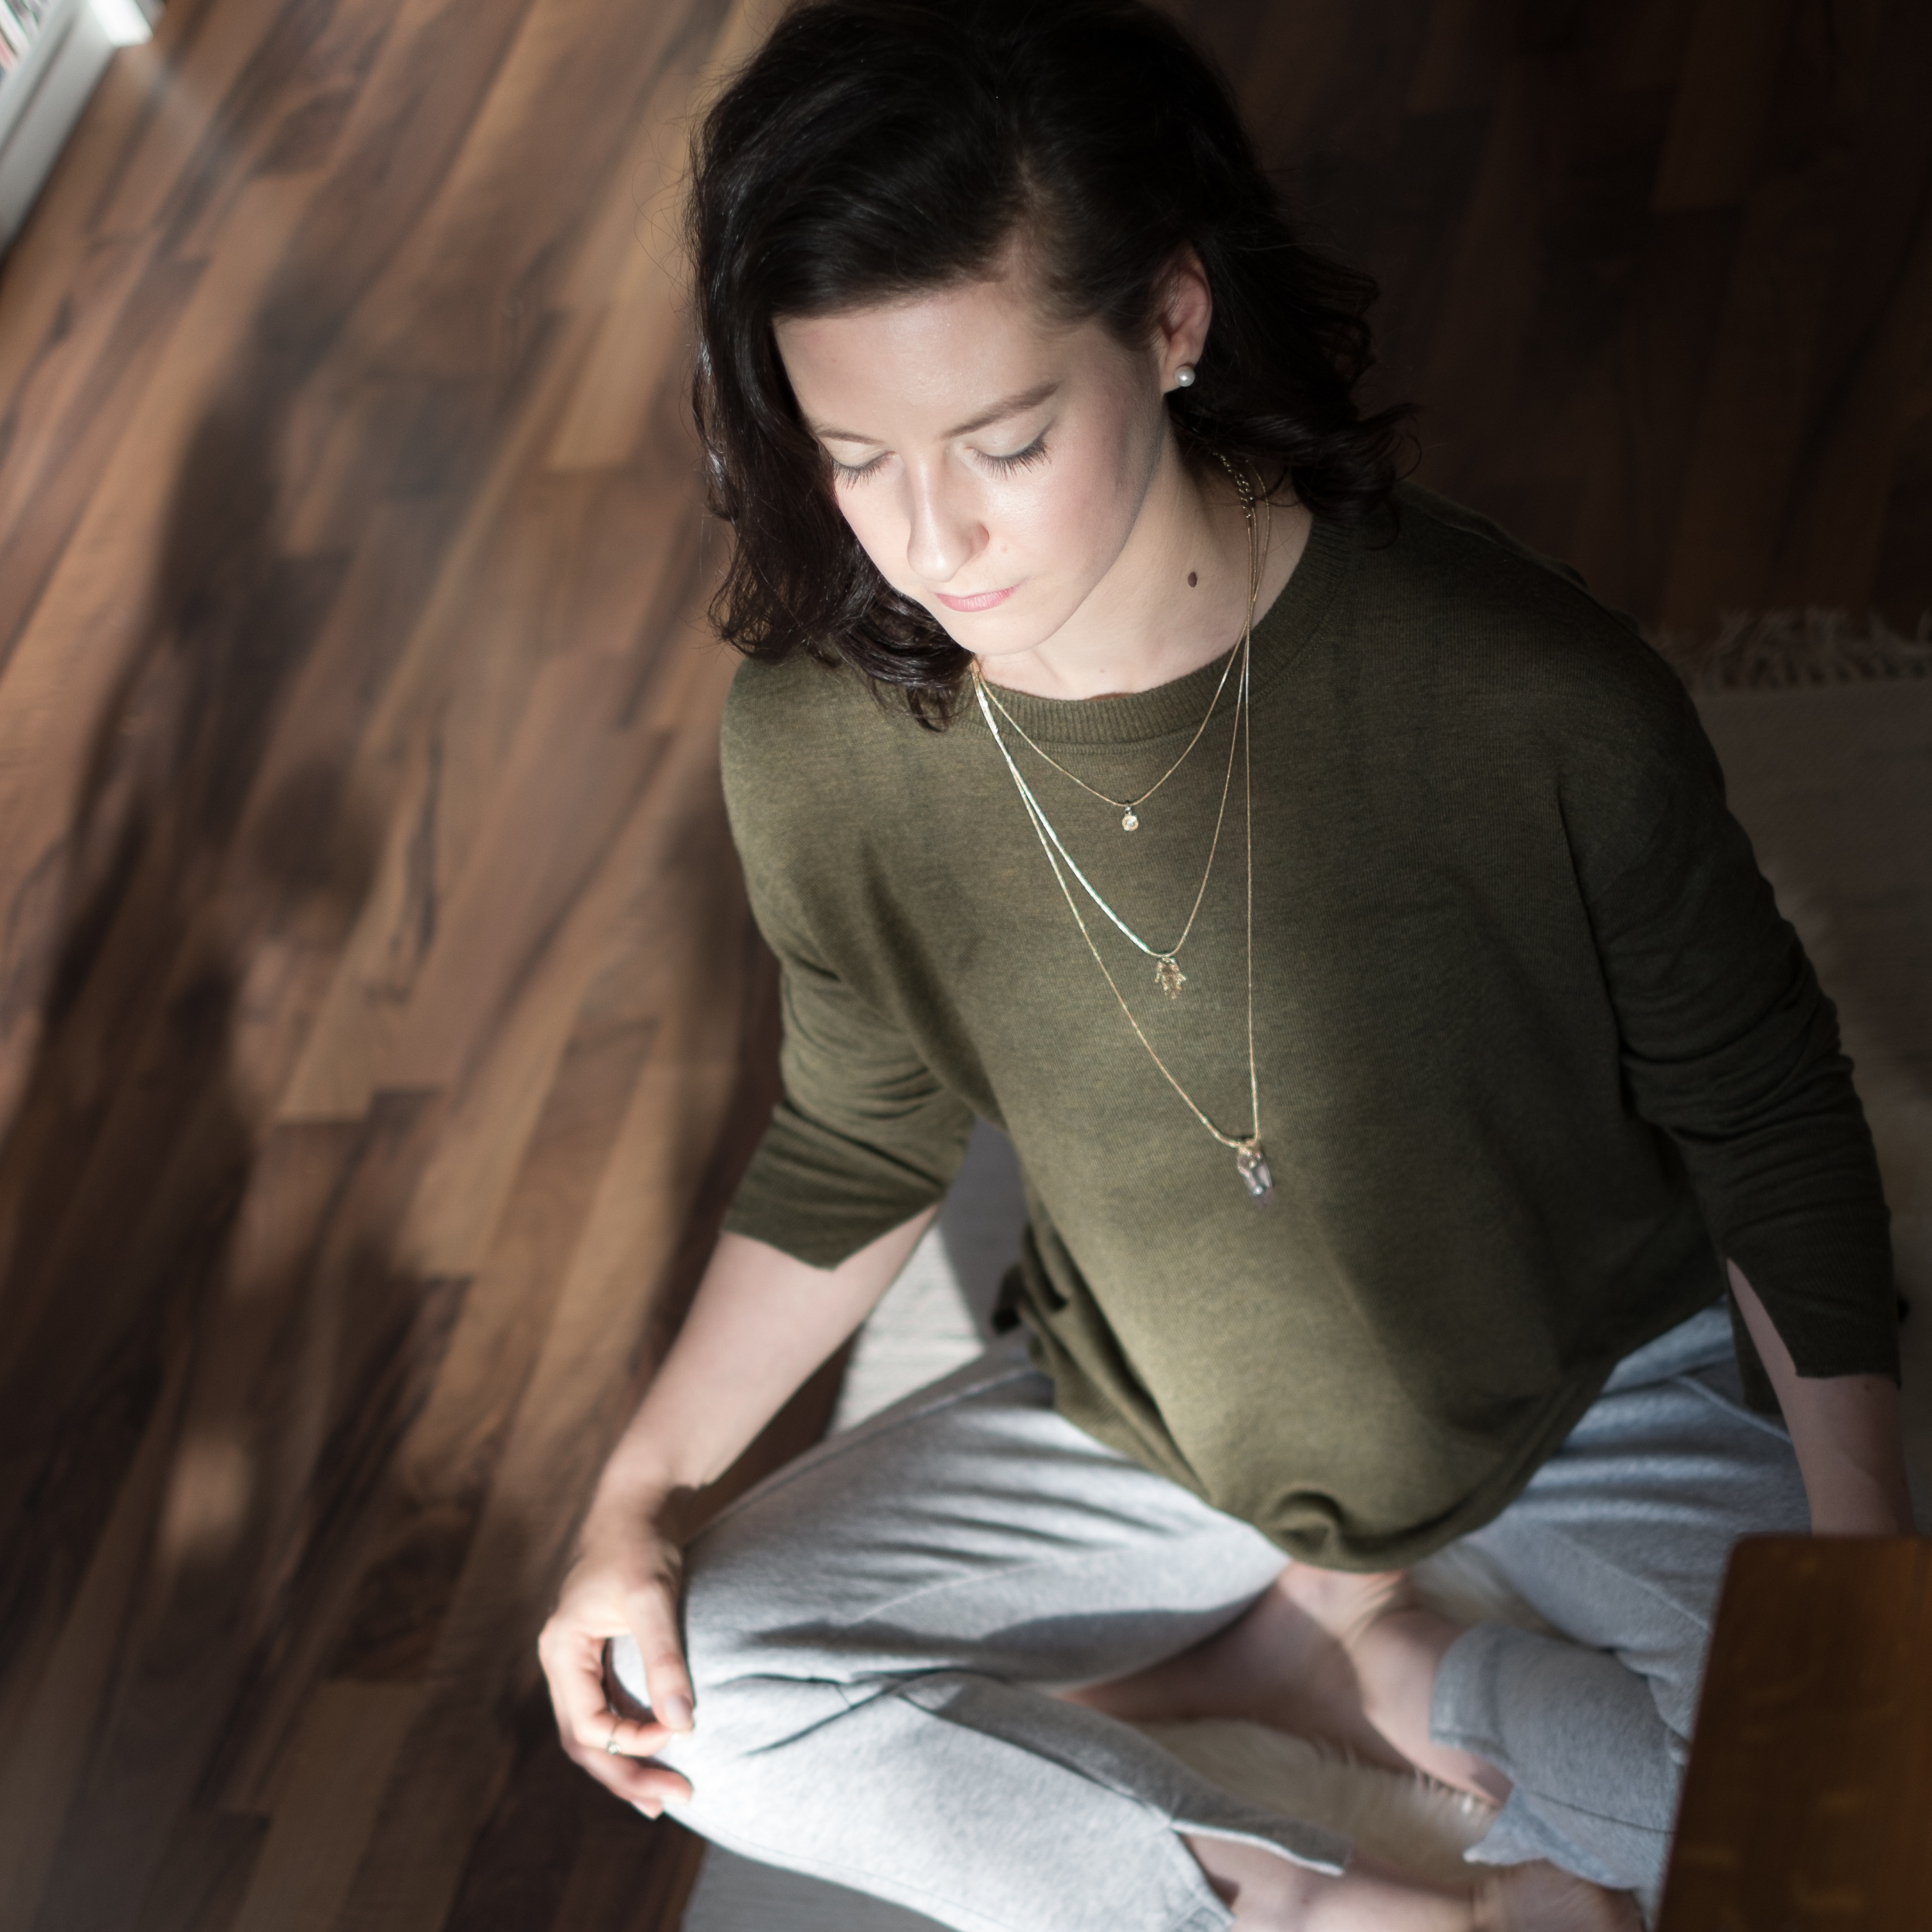 Privatstunden für Yoga, Meditation und Flexibility Training bei dir zuhause oder im Yogastudio.